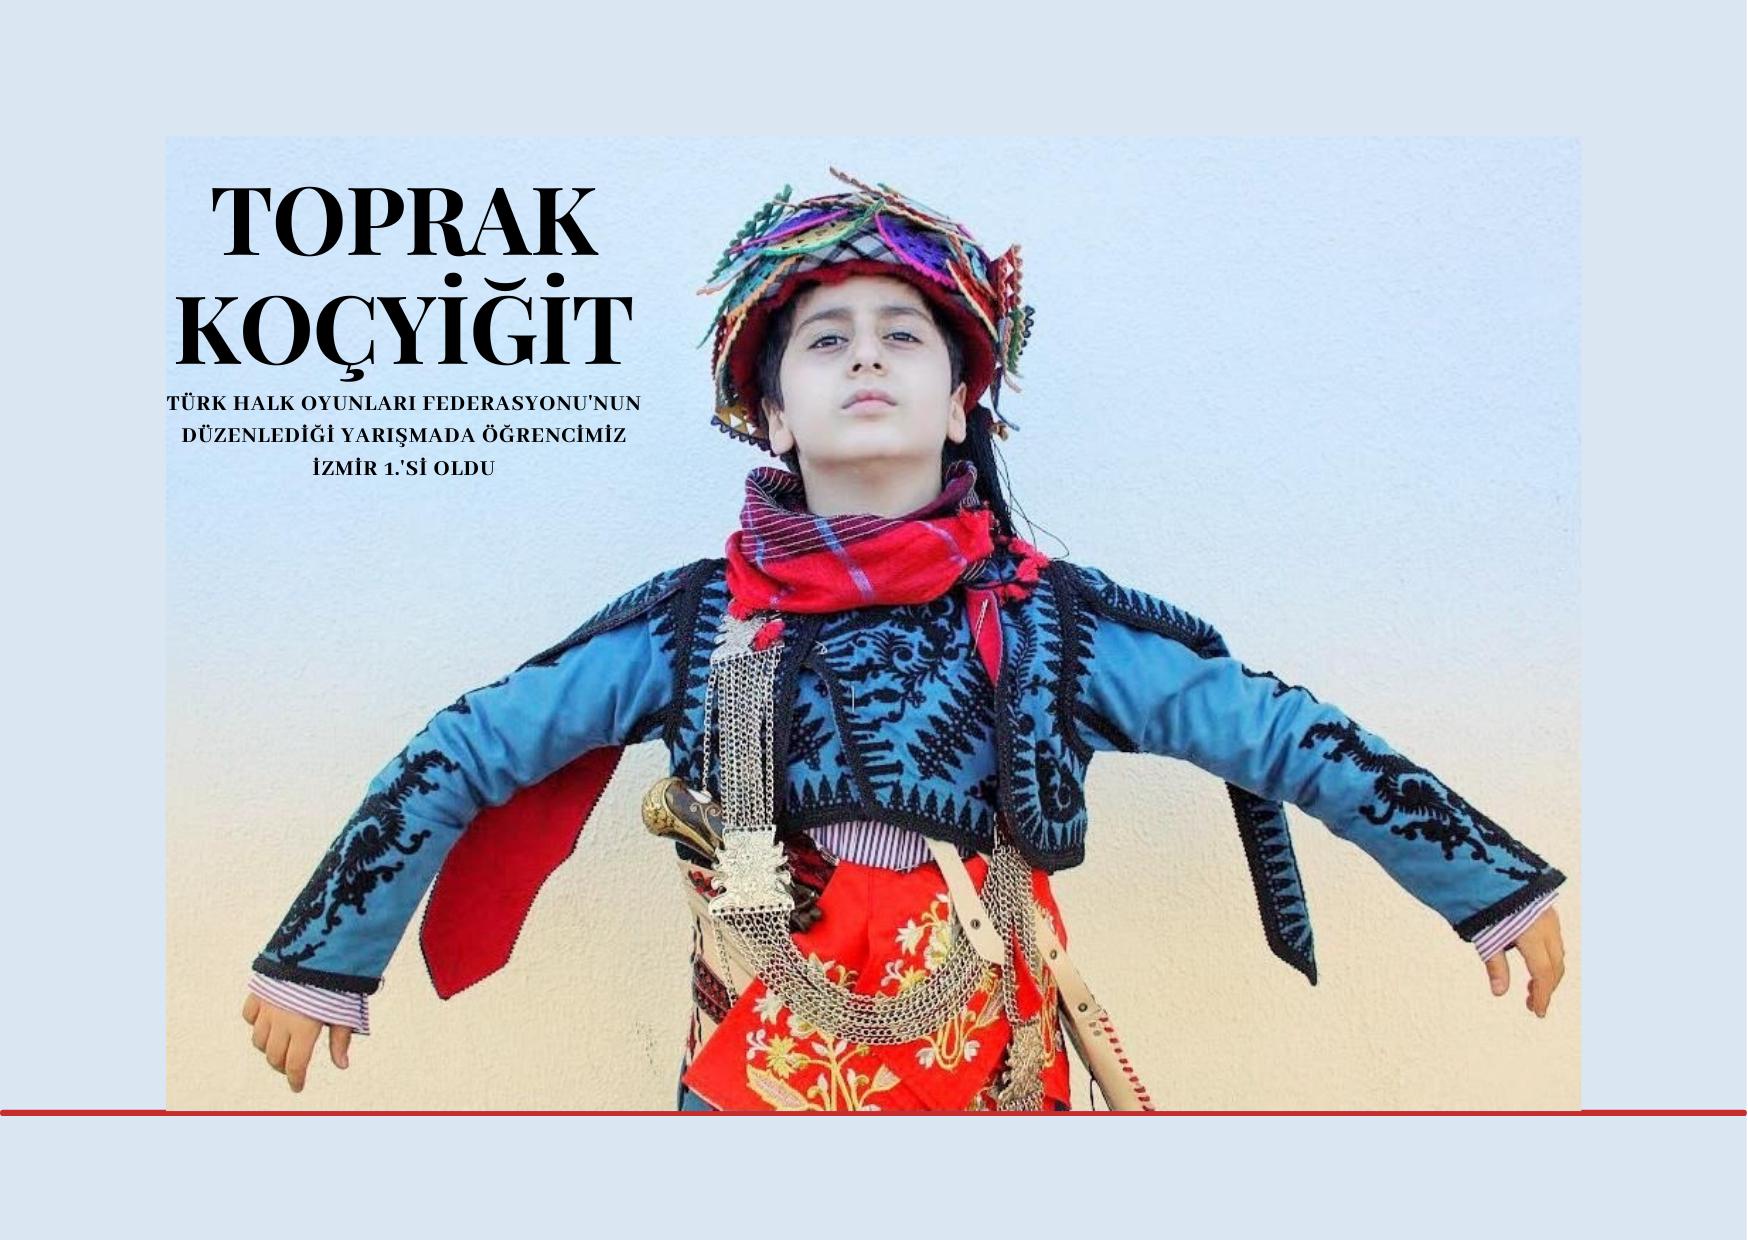 Ortaokul öğrencimiz Toprak Koçyiğit İzmir 1.'si oldu